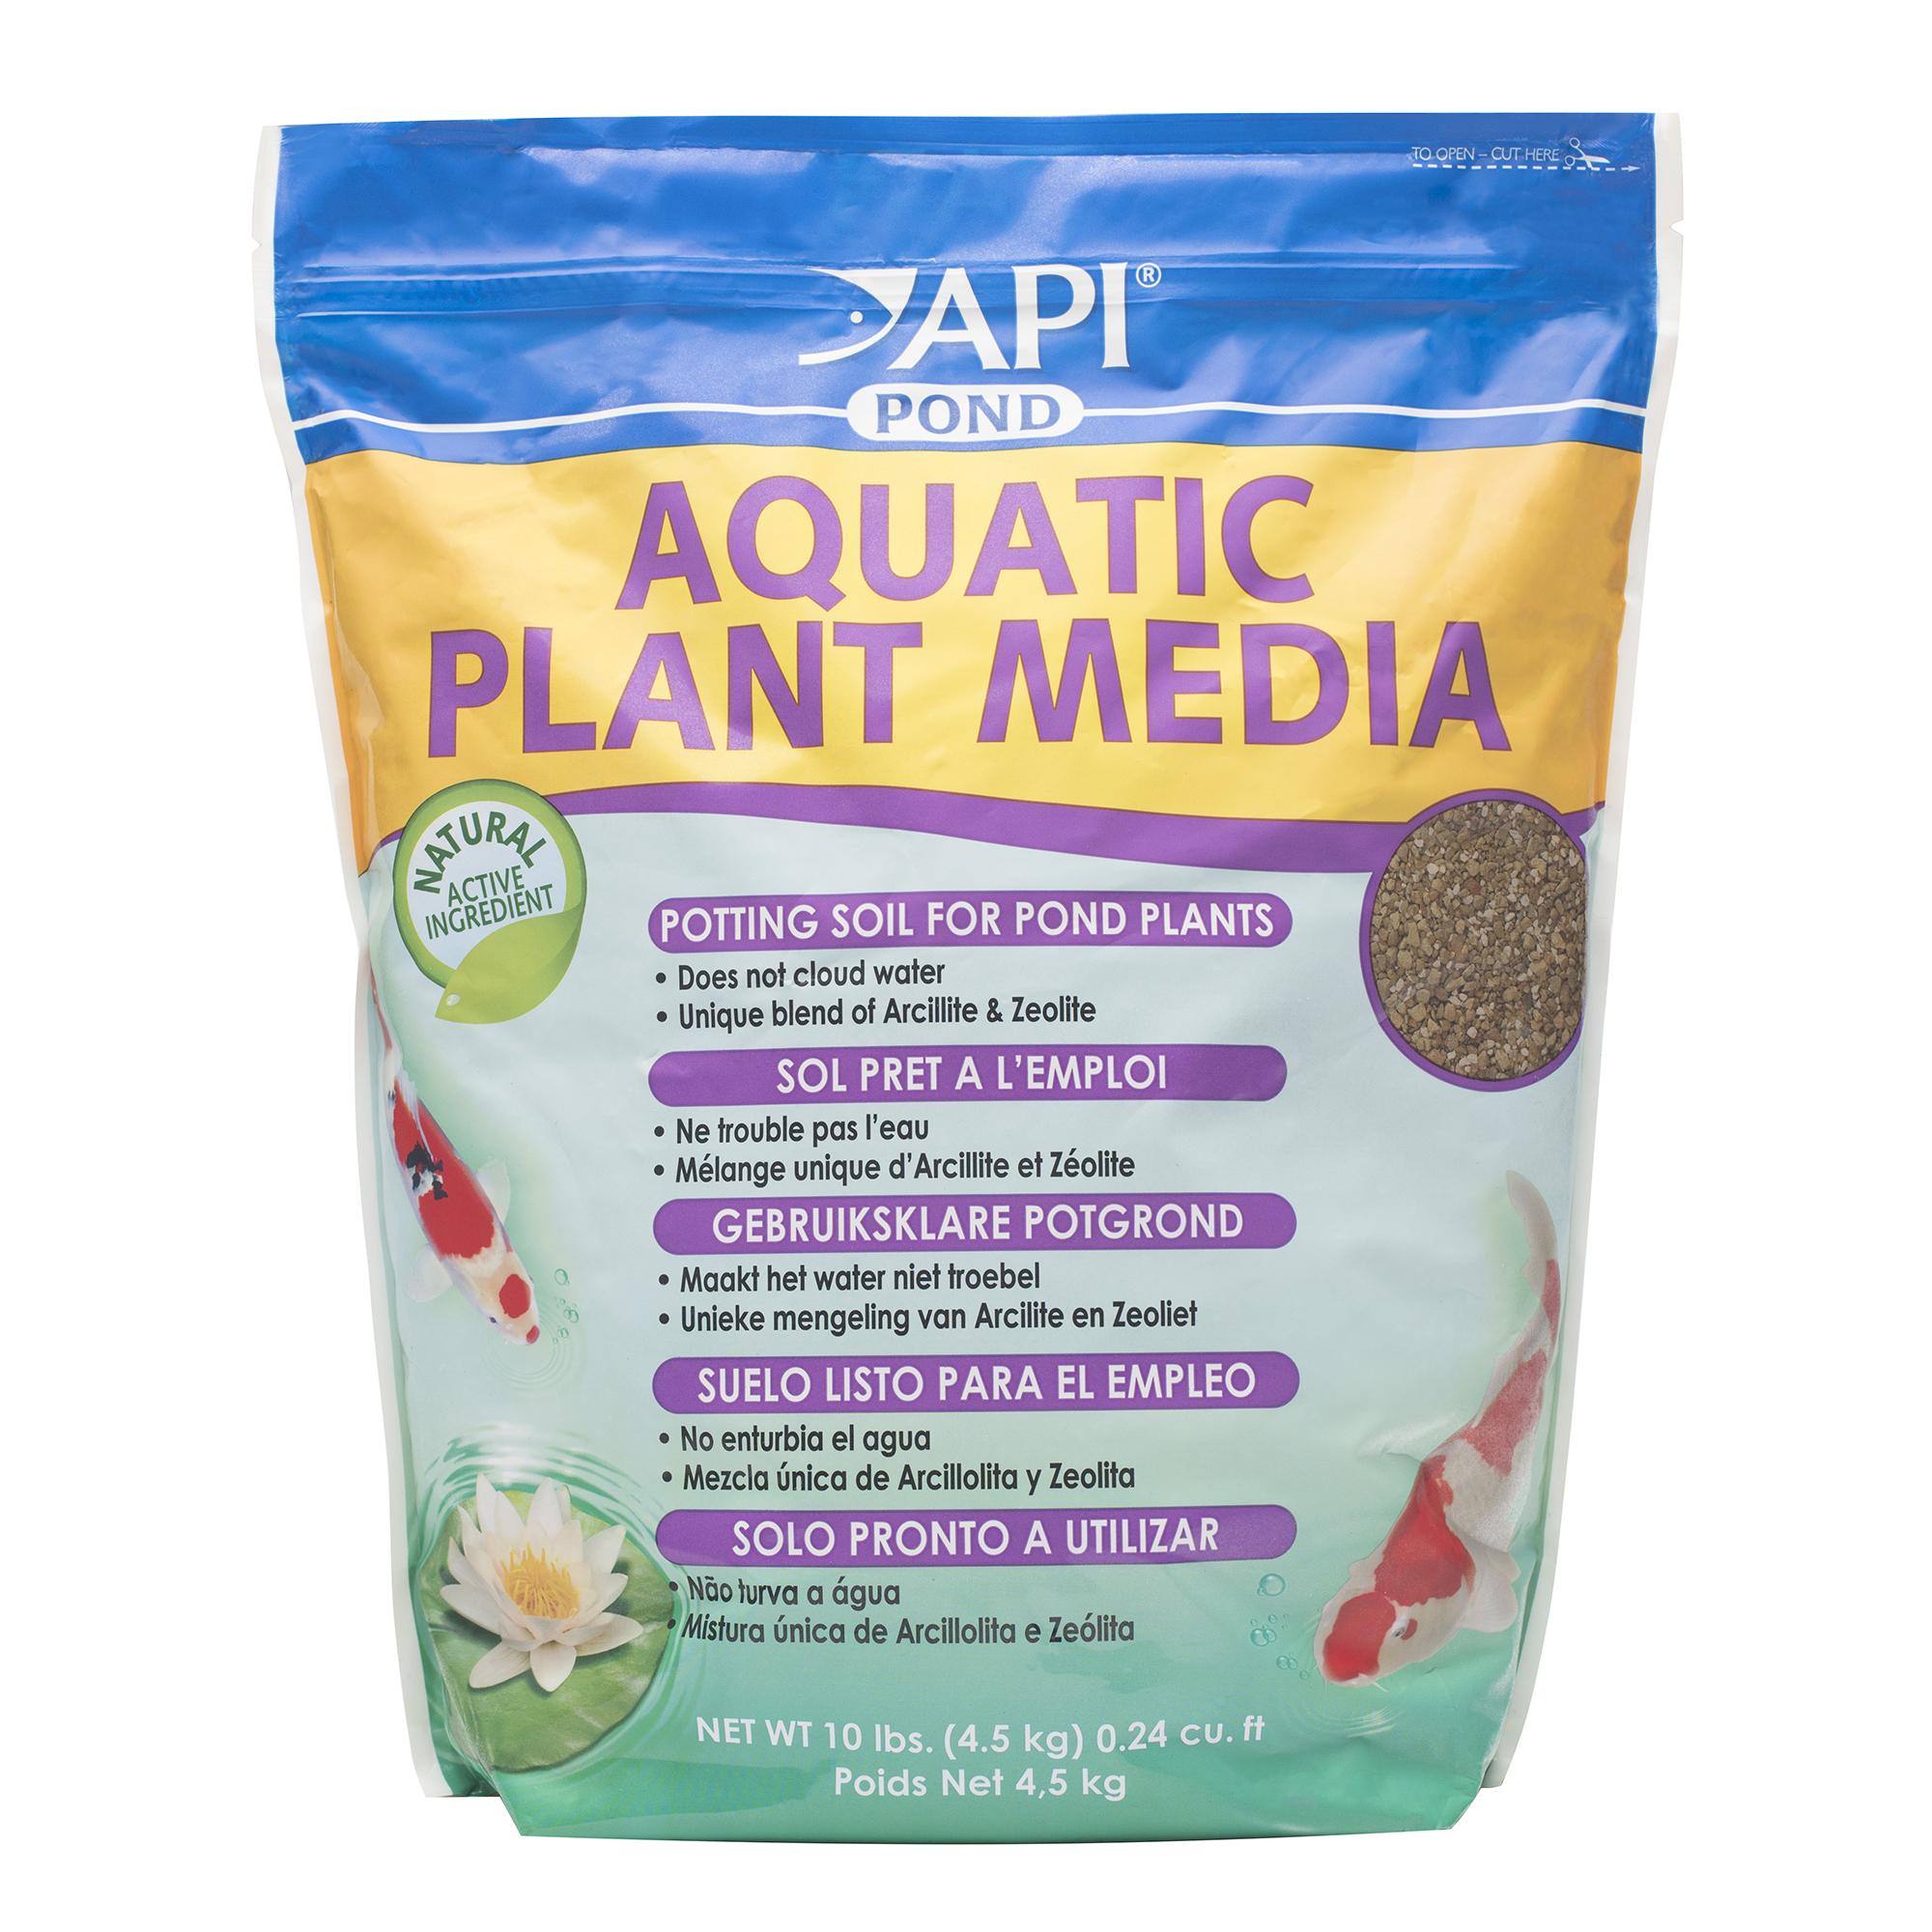 AQUATIC PLANT MEDIA